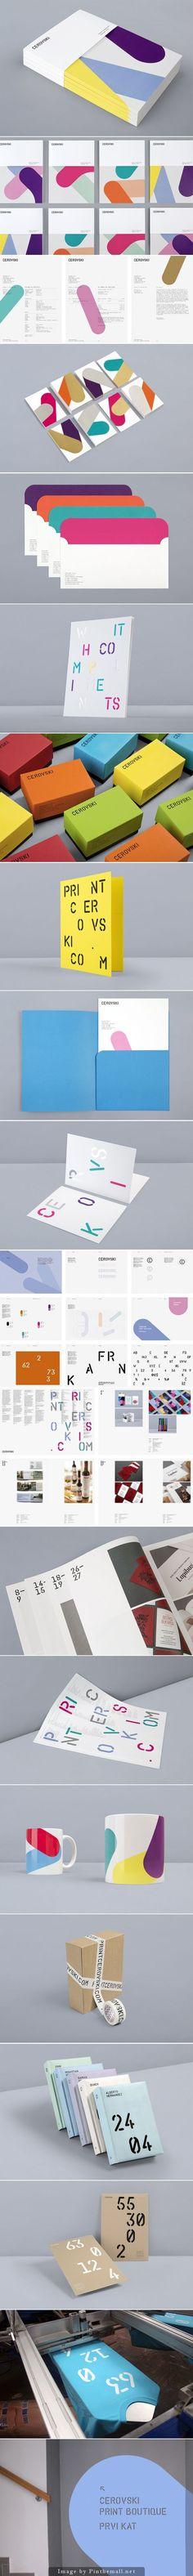 Cerovsky Print Boutique Identity by Bunch